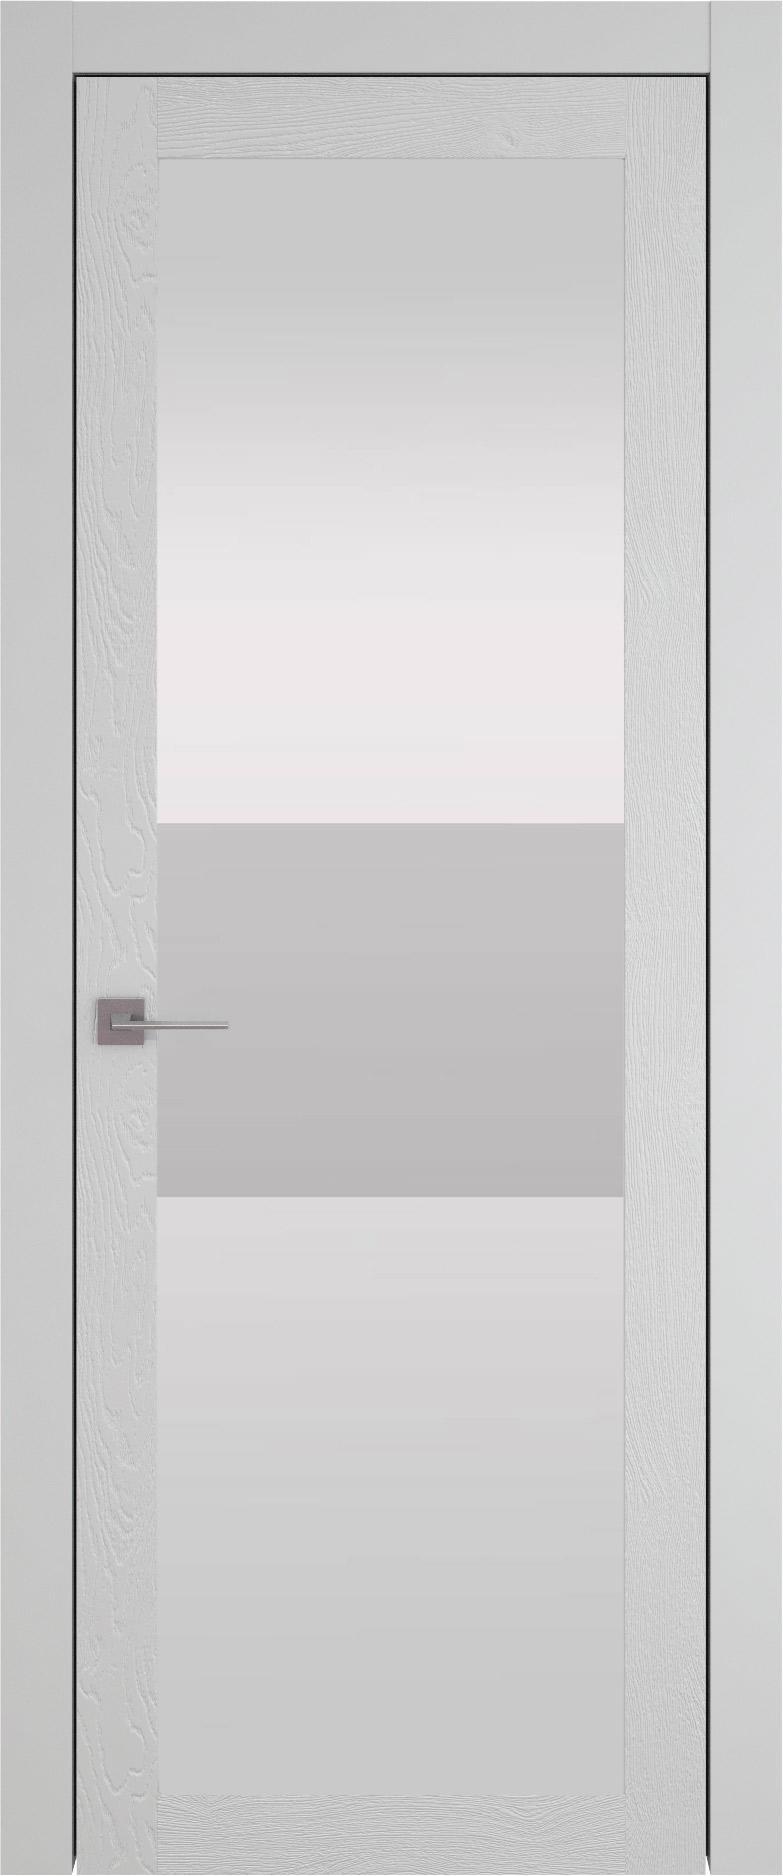 Tivoli З-4 цвет - Серая эмаль по шпону (RAL 7047) Со стеклом (ДО)